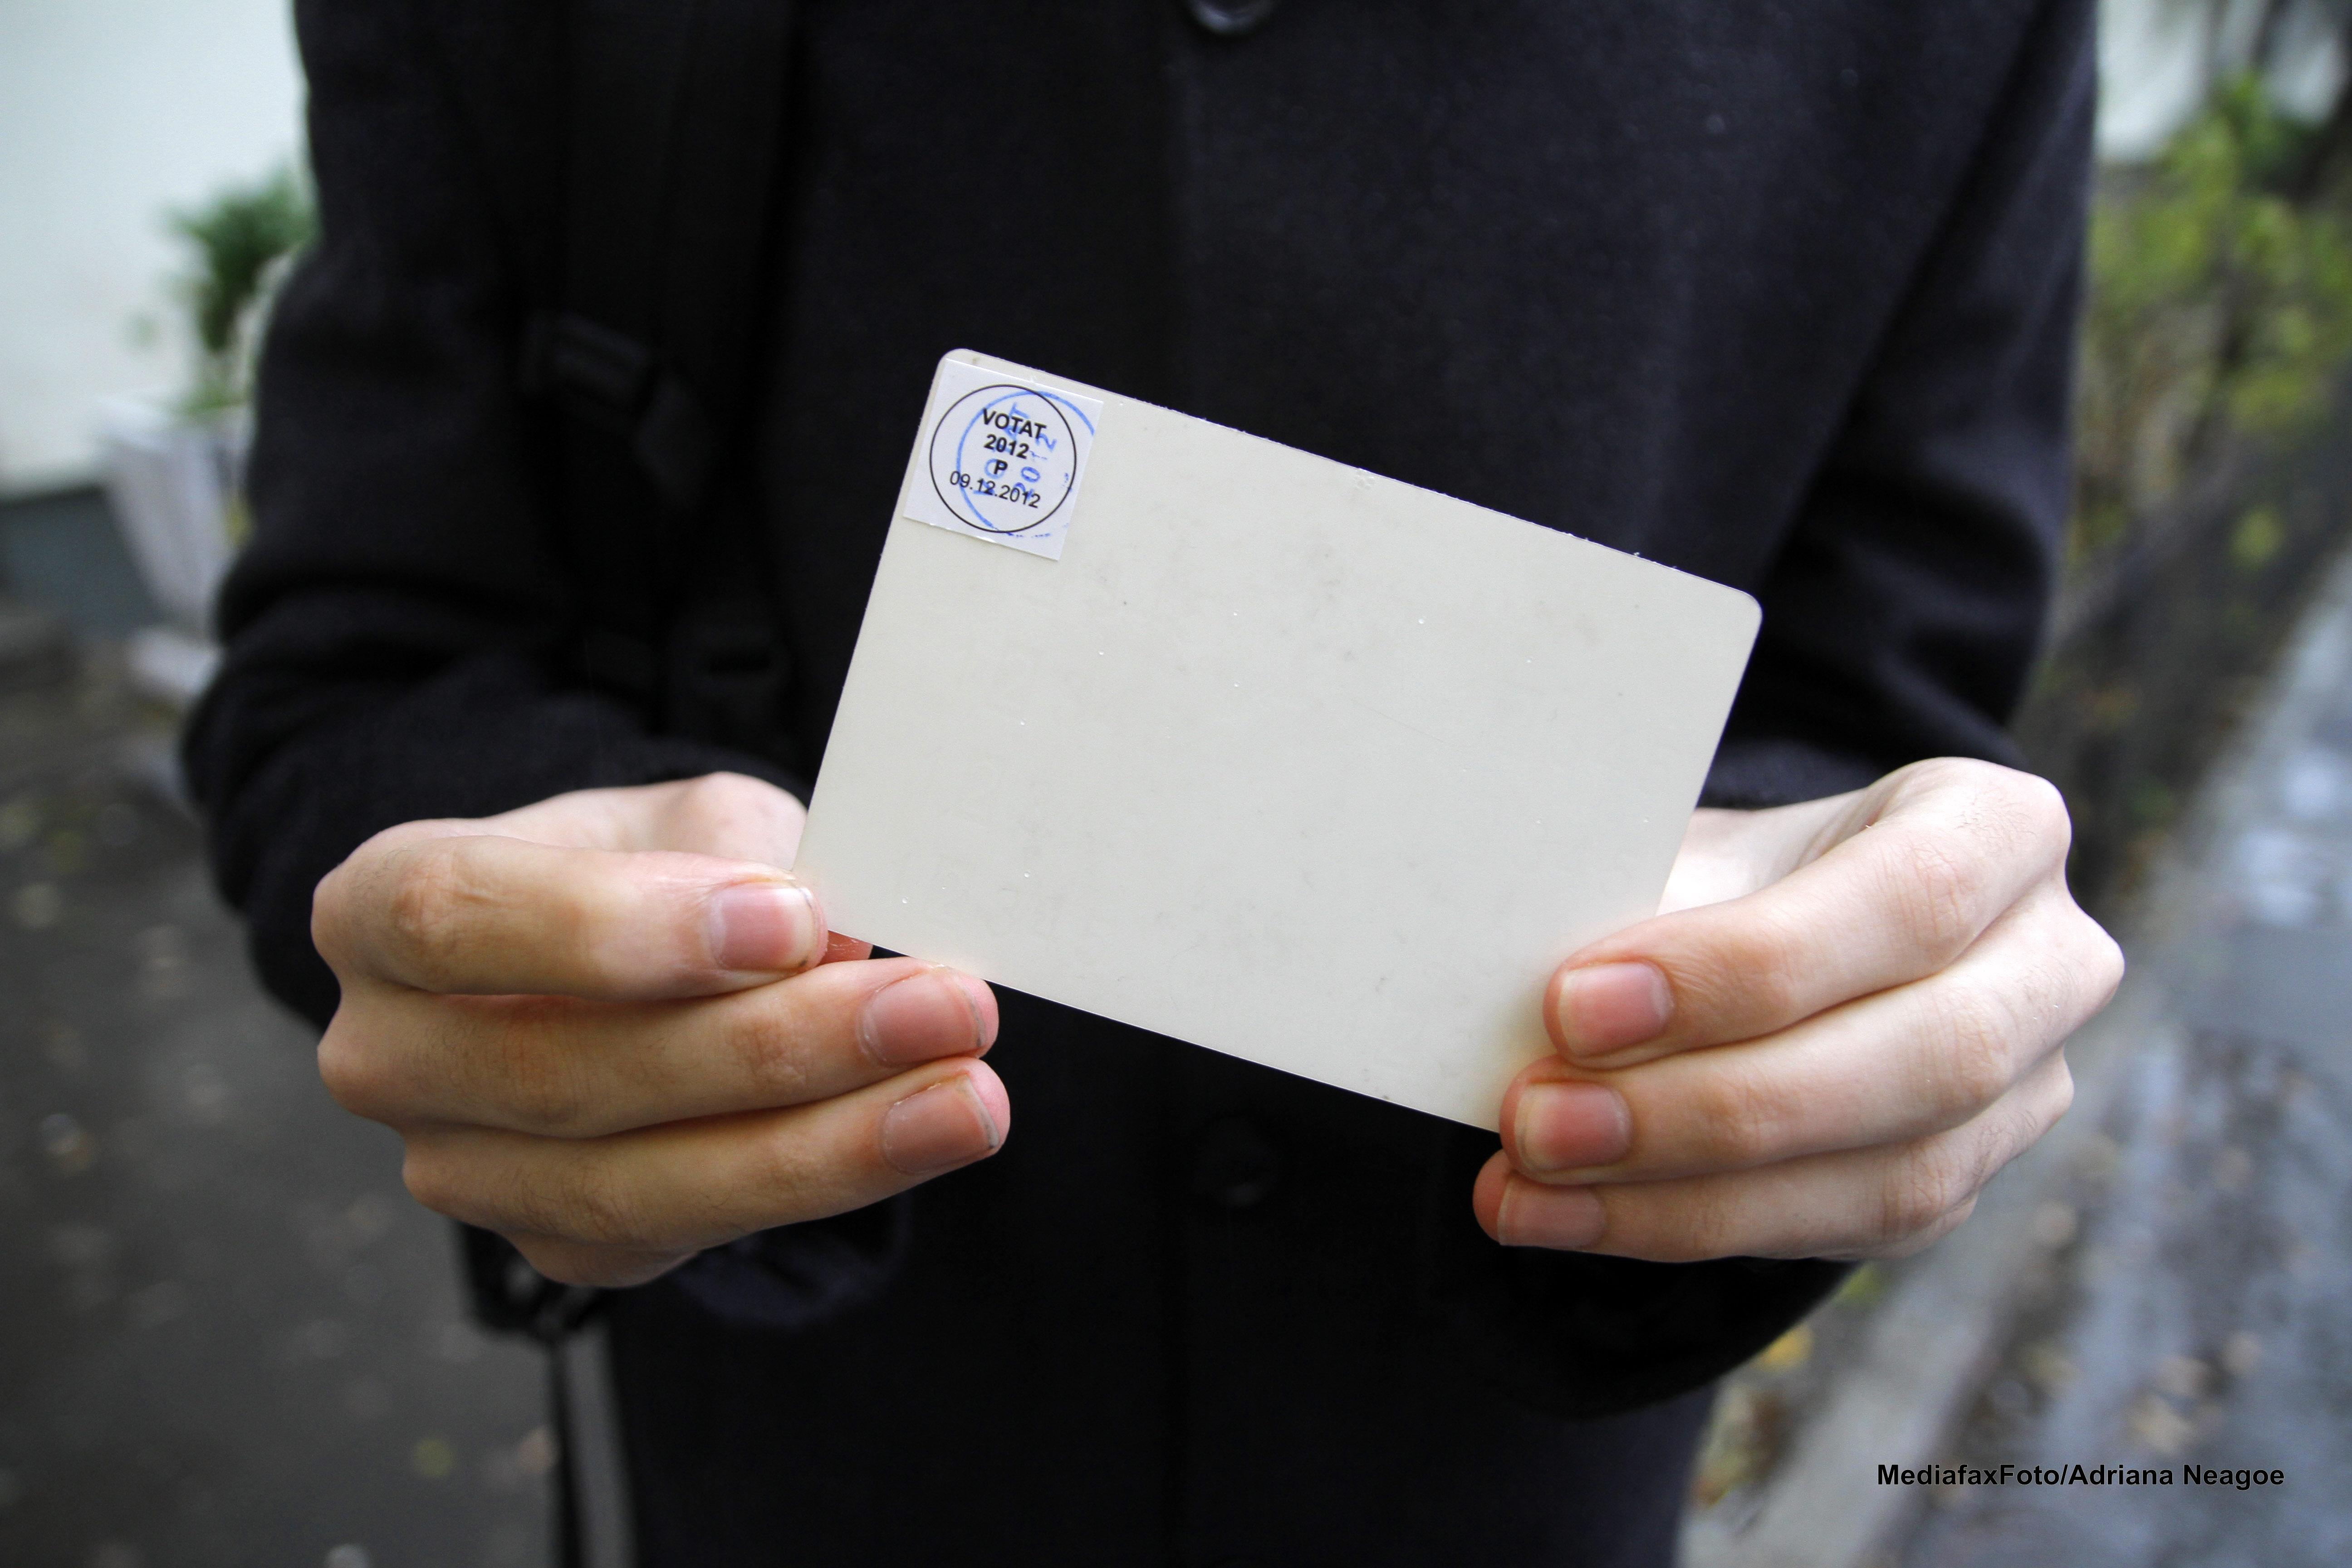 Alegeri prezidentiale 2014. Guvernul va modifica legea pentru organizarea scrutinului. Care este cea mai mare schimbare